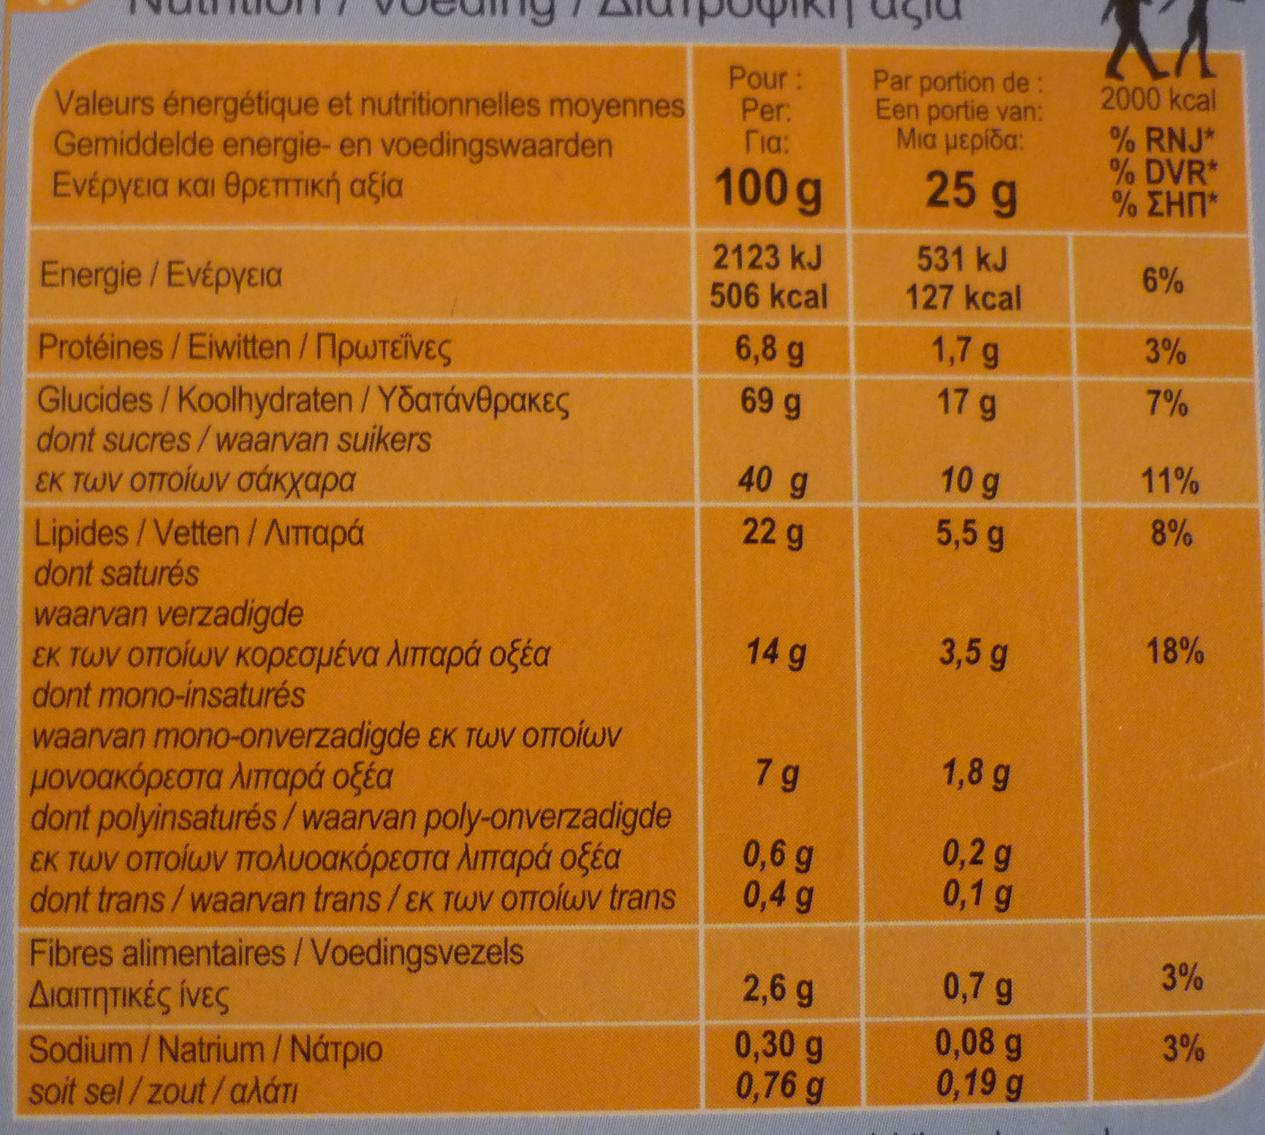 Para llevargalletas de mantequilla tabletachocolate con leche - Información nutricional